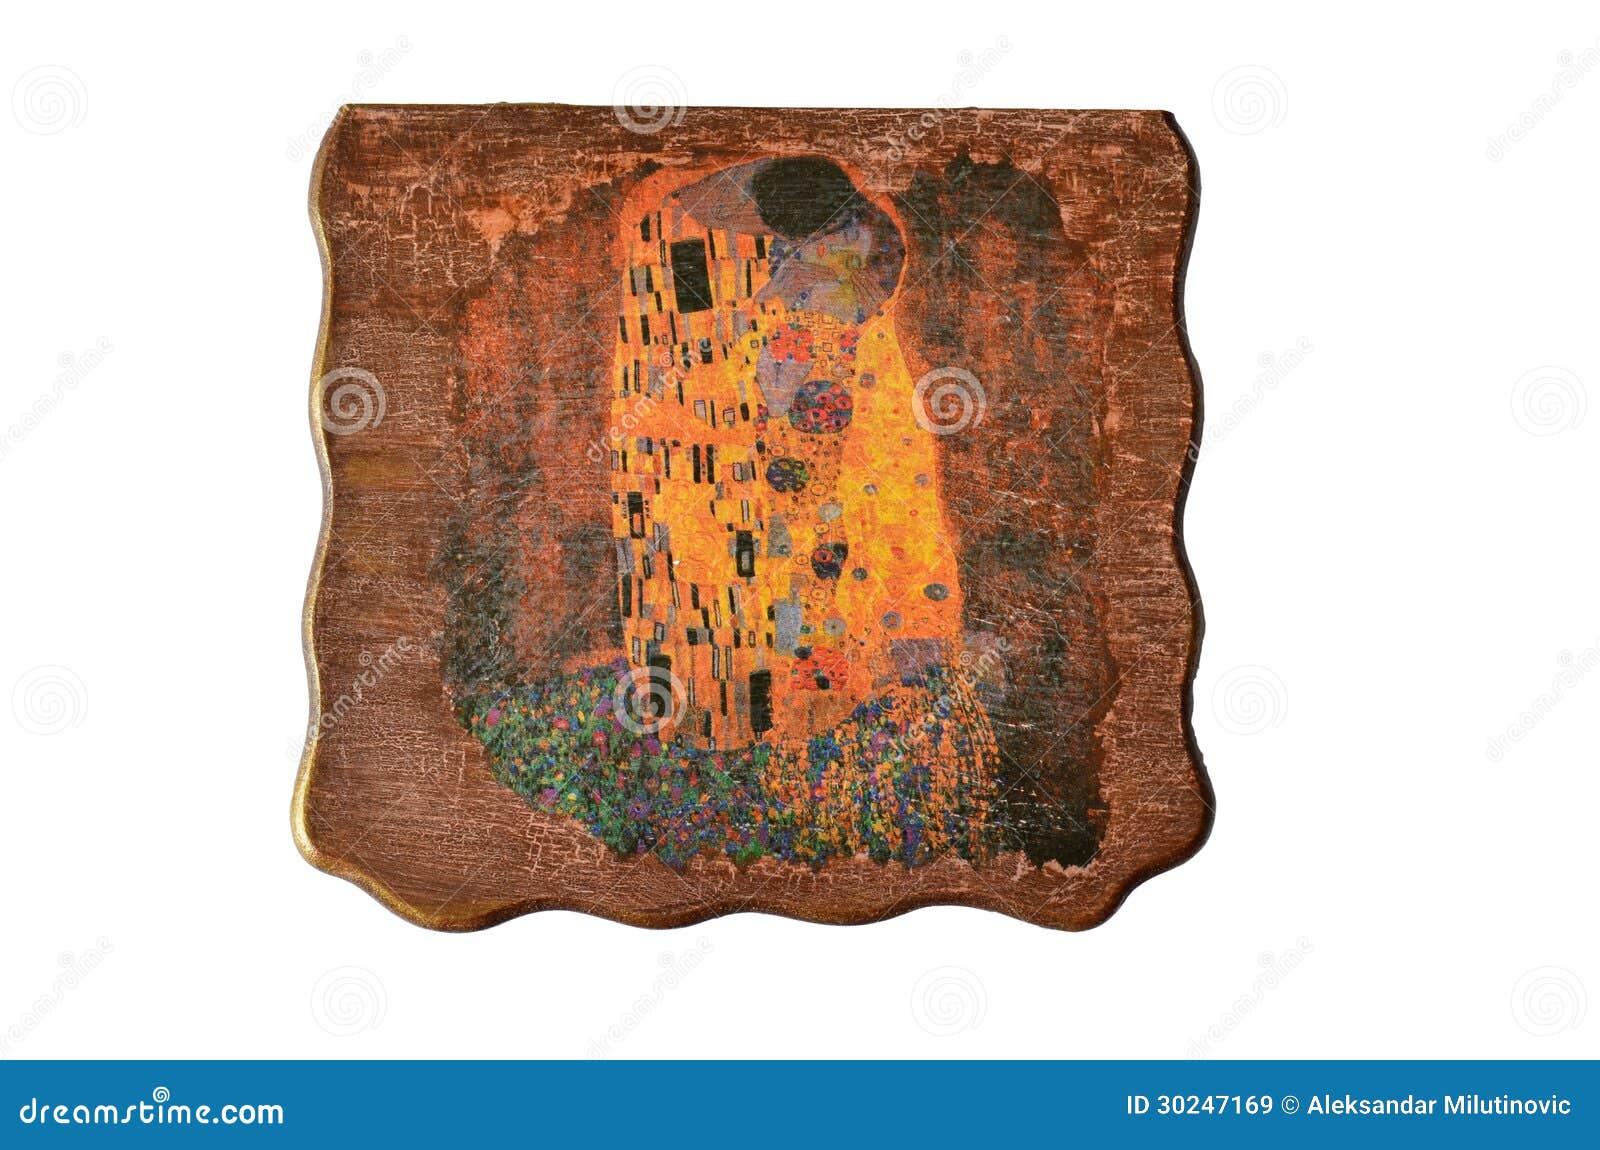 Copertura In Legno Isolata : Copertura della scatola di legno immagine stock editoriale